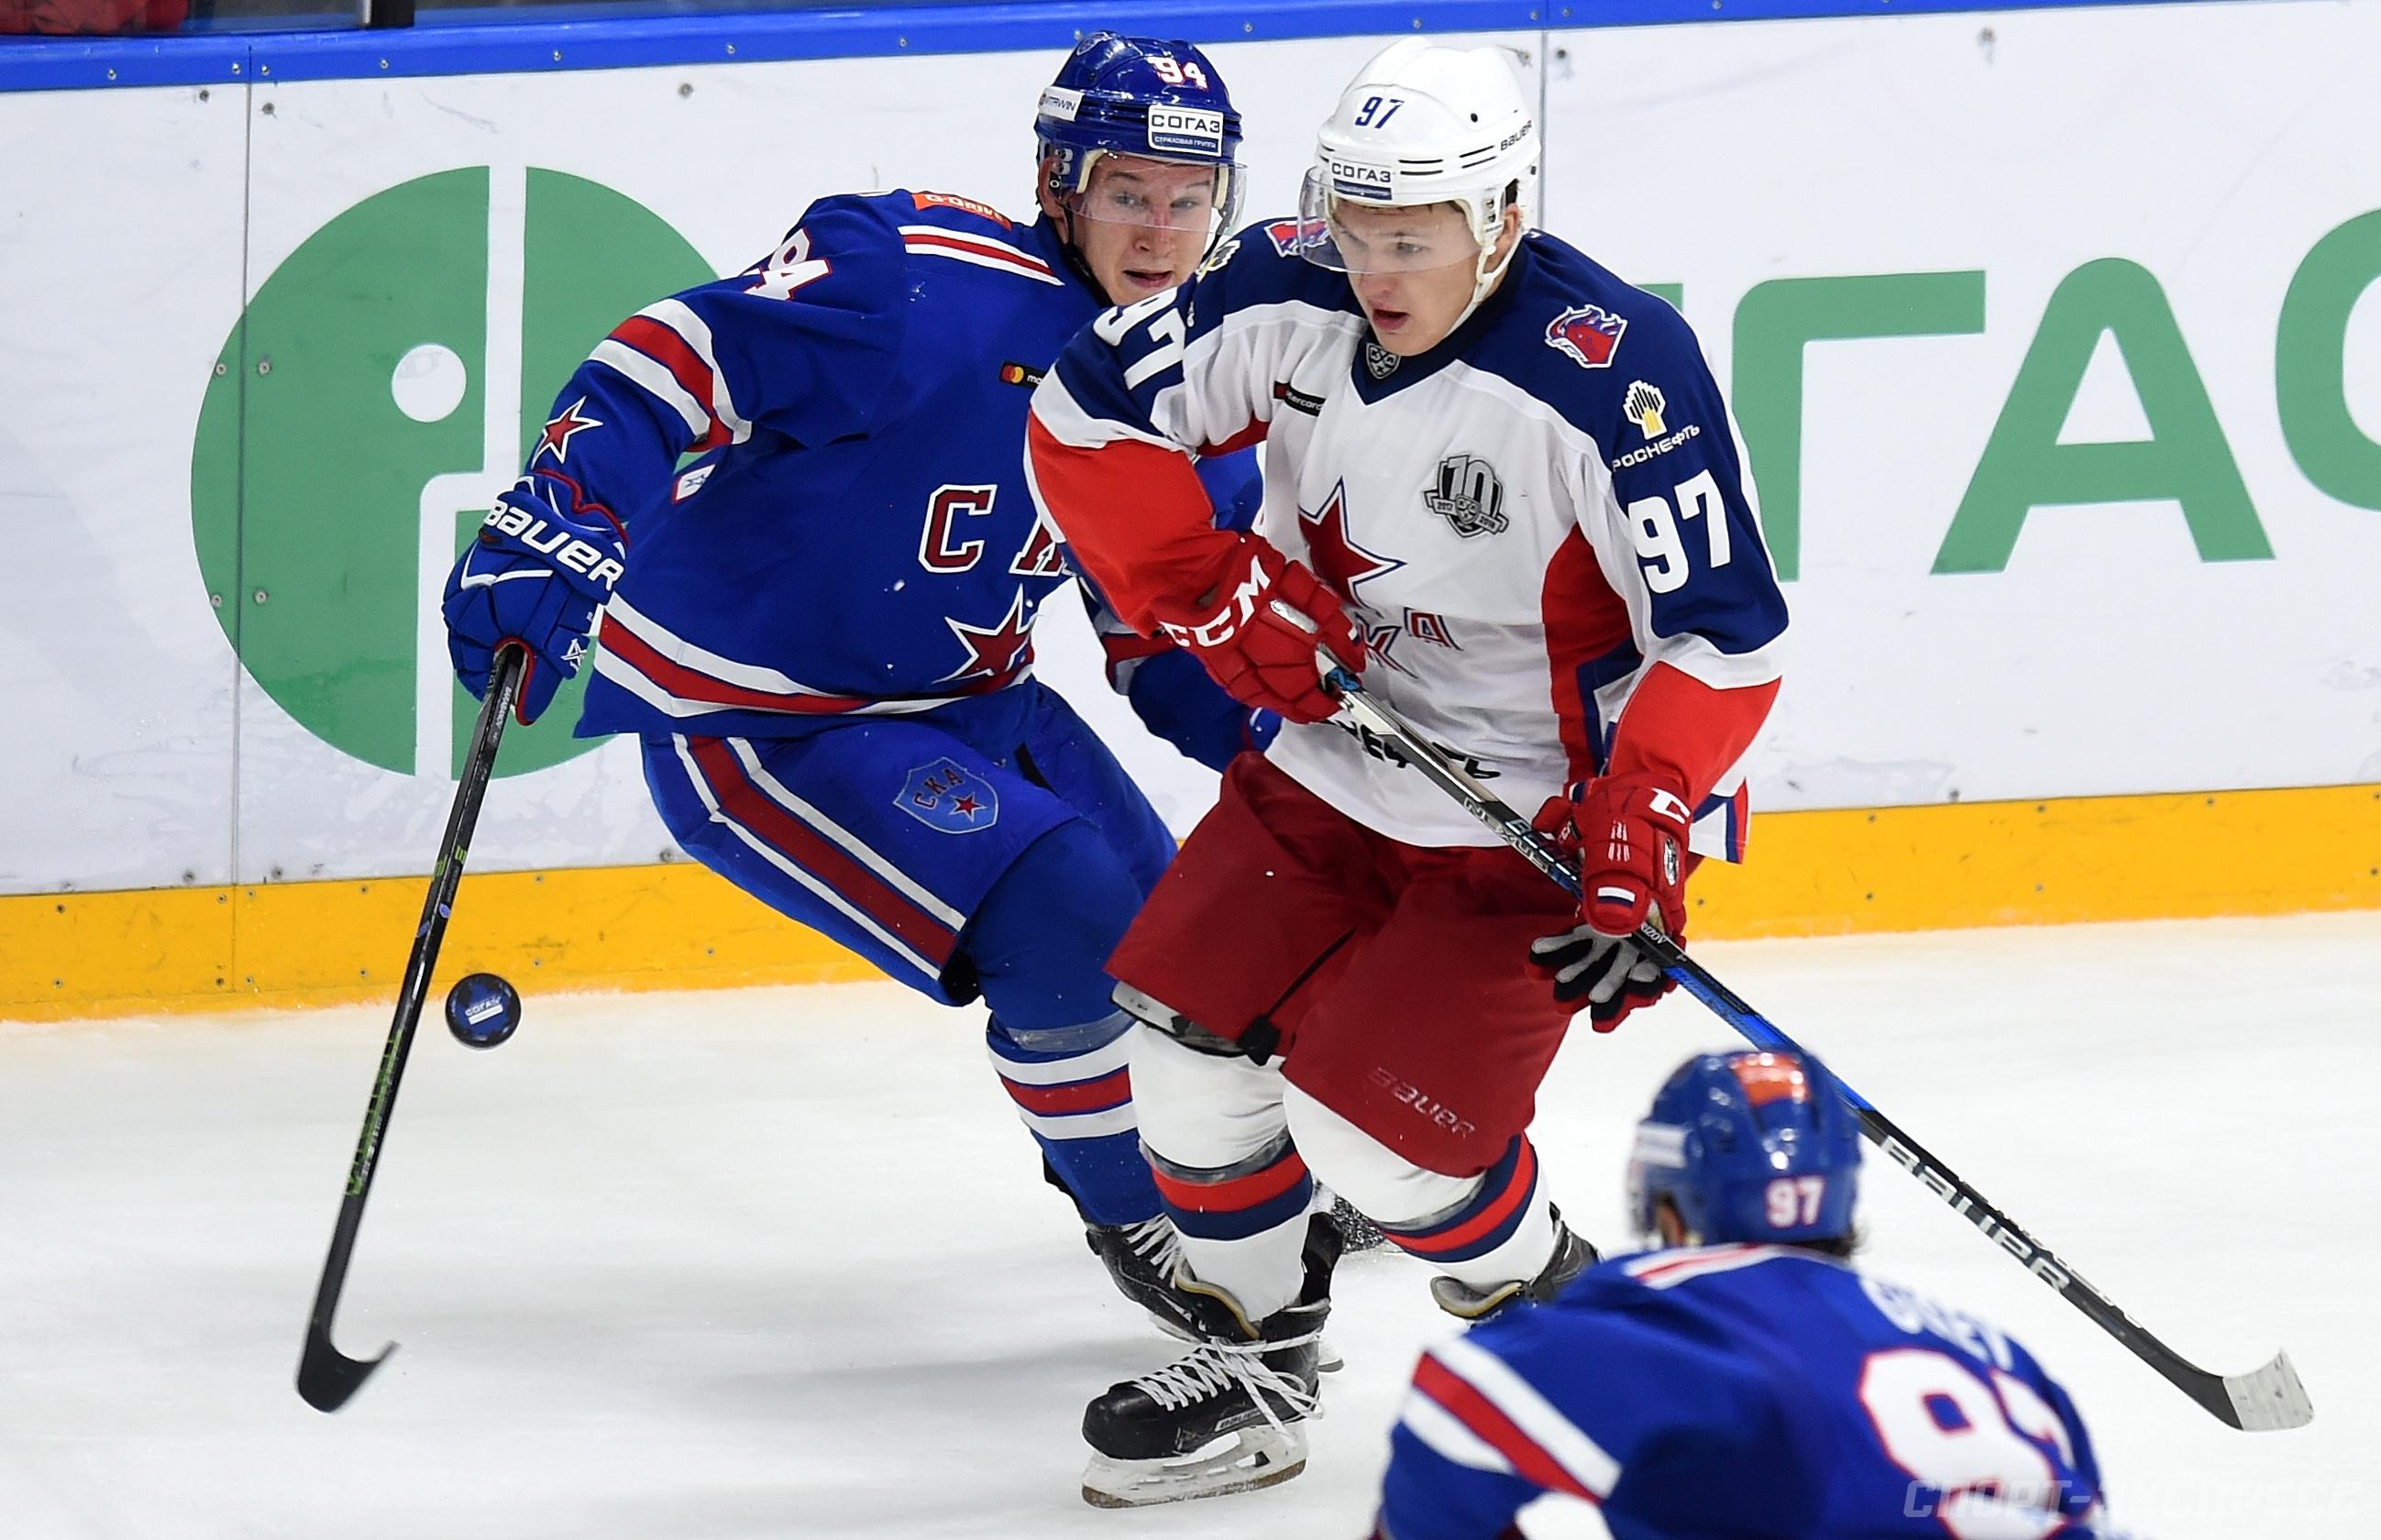 Как сыграют ЦСКА и Сибирь На что делать ставки на КХЛ 30 Октября 2018